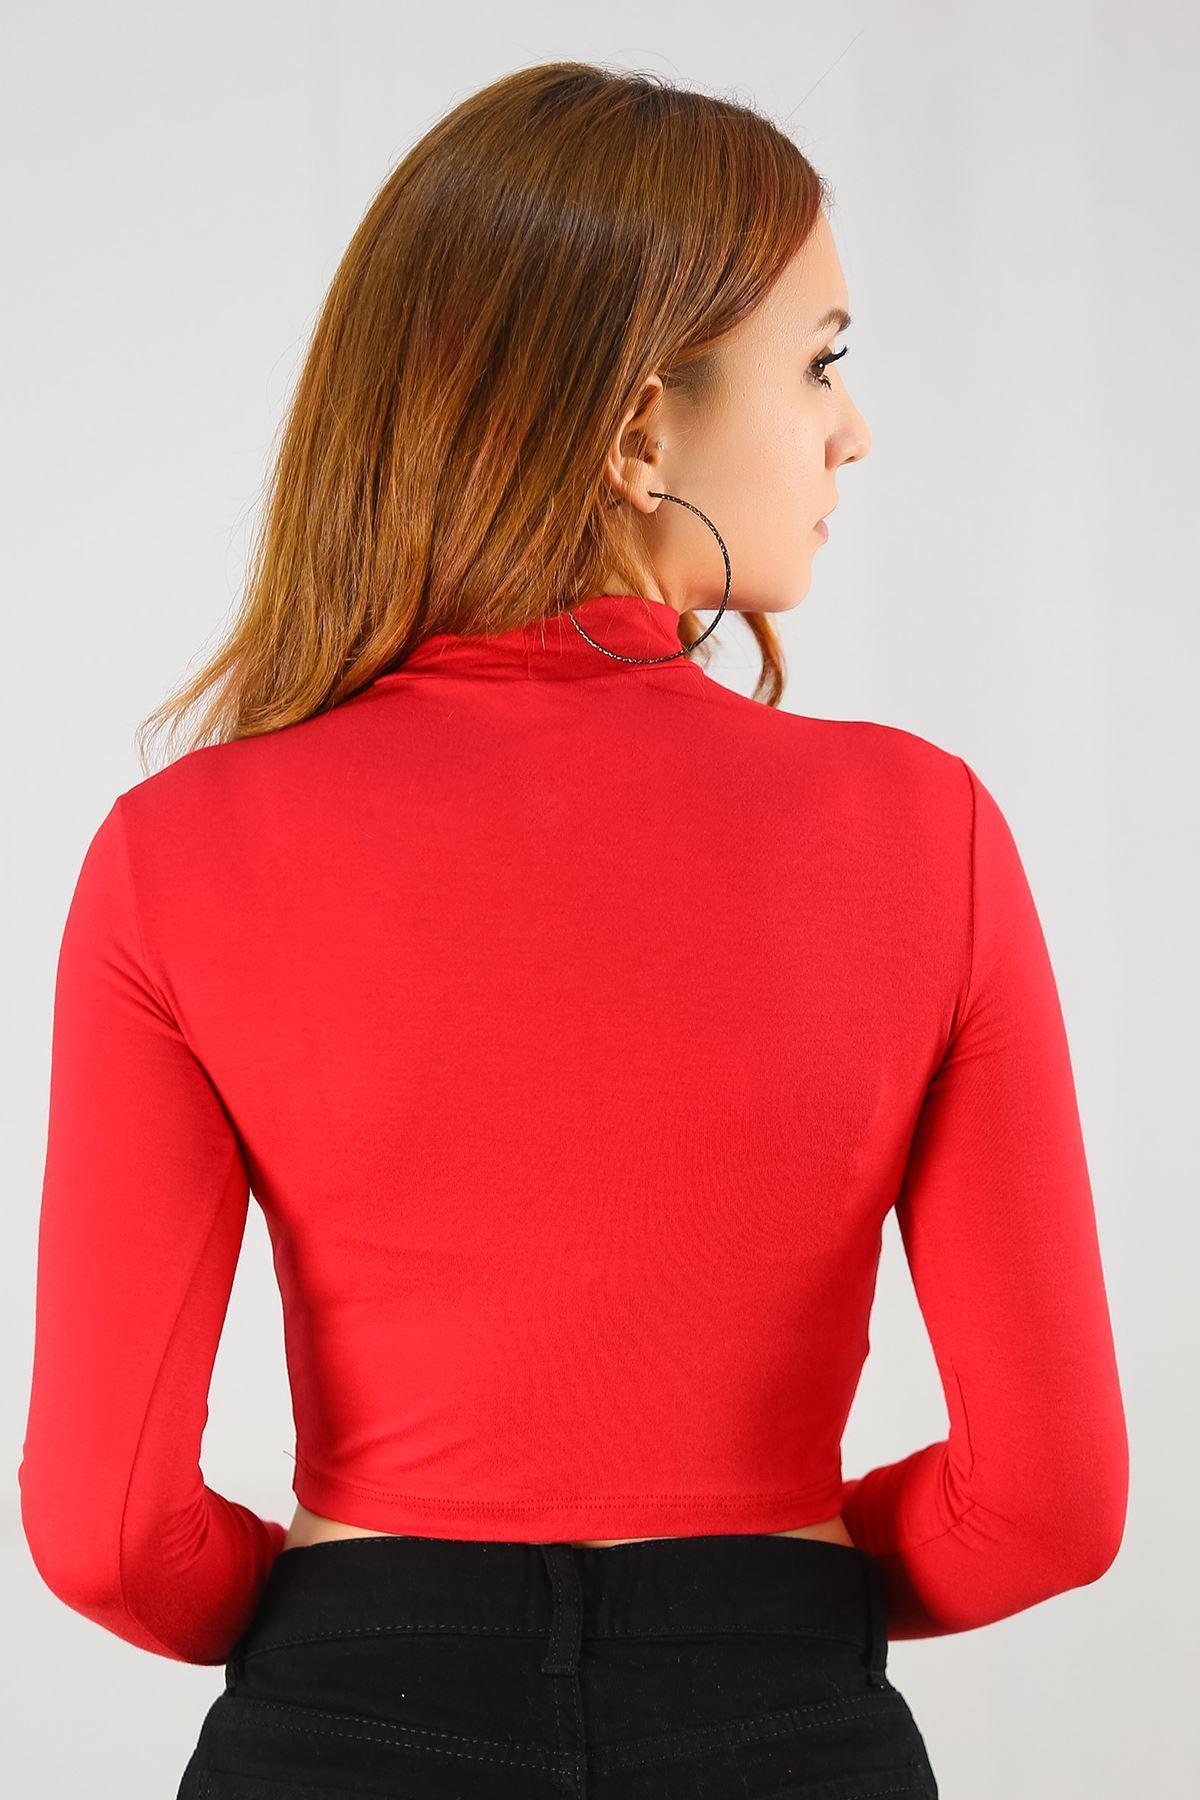 Crop Bluz Kırmızı - 1134.1212.